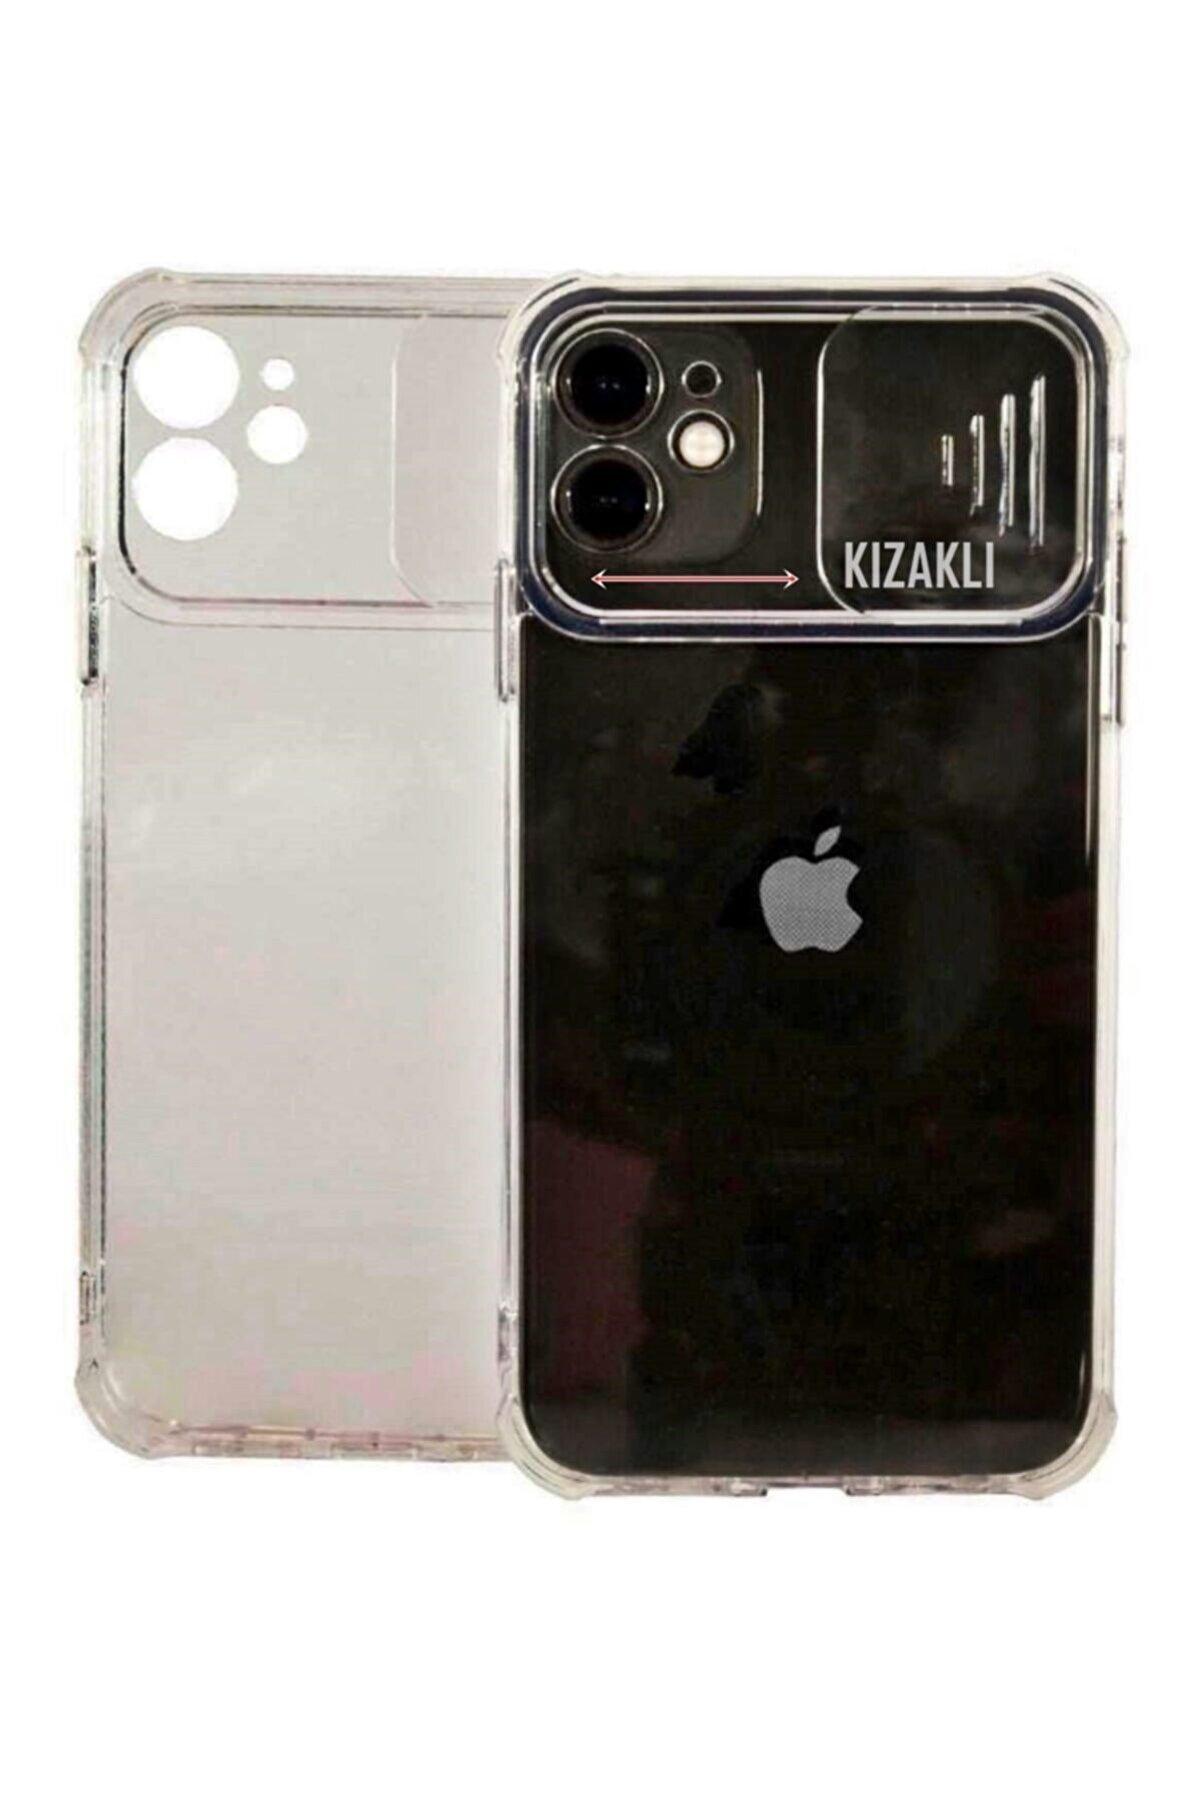 Sunix Apple Iphone 12 Pro Max Slikon Şeffaf Kamera Korumalı Kızaklı Sürgülü Kılıf